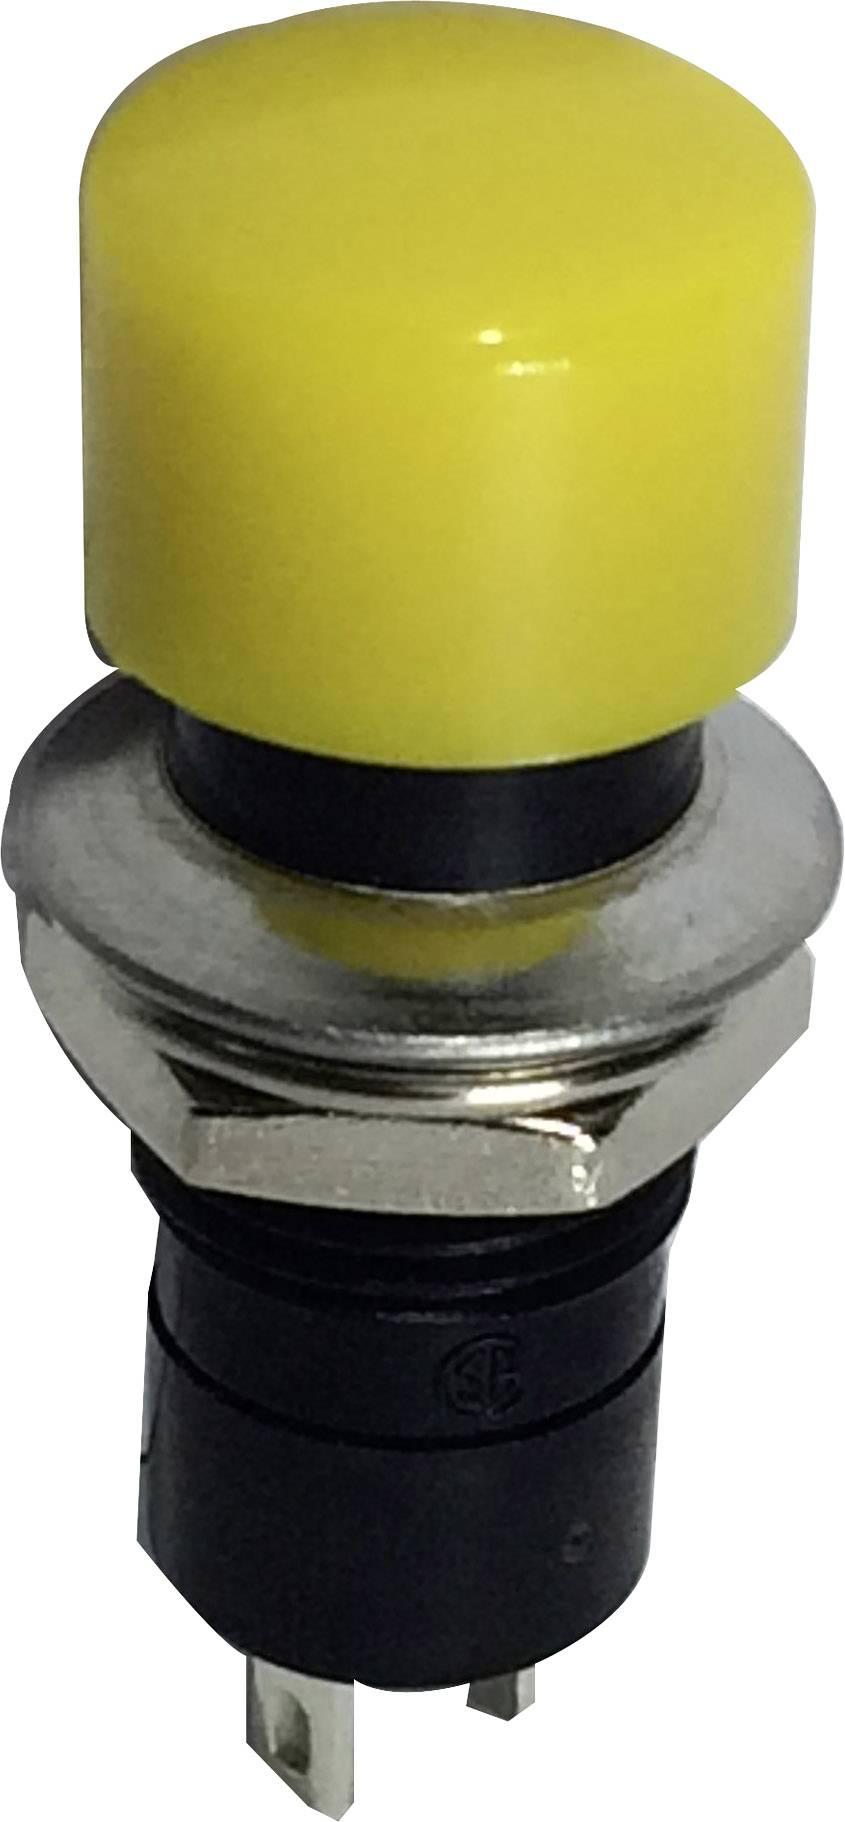 Stláčacie tlačidlo SCI R13-40A-05YL, 250 V/AC, 1.5 A, 1 ks